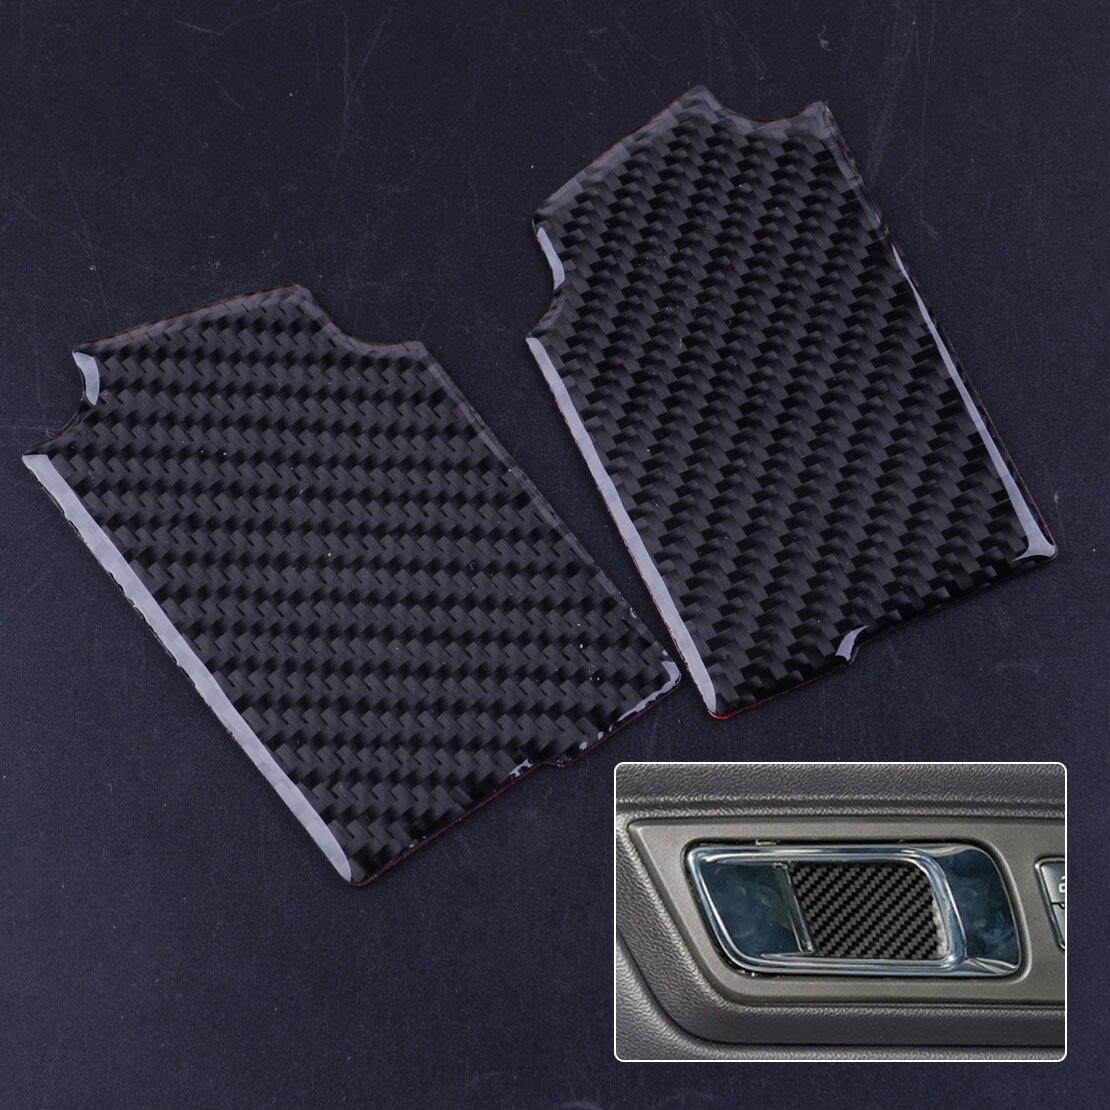 2 uds, manija de puerta interior de fibra de carbono para coche negro, parche para Panel de tapicería decorativa, pegatina para Ford Mustang 2015 2016 2017